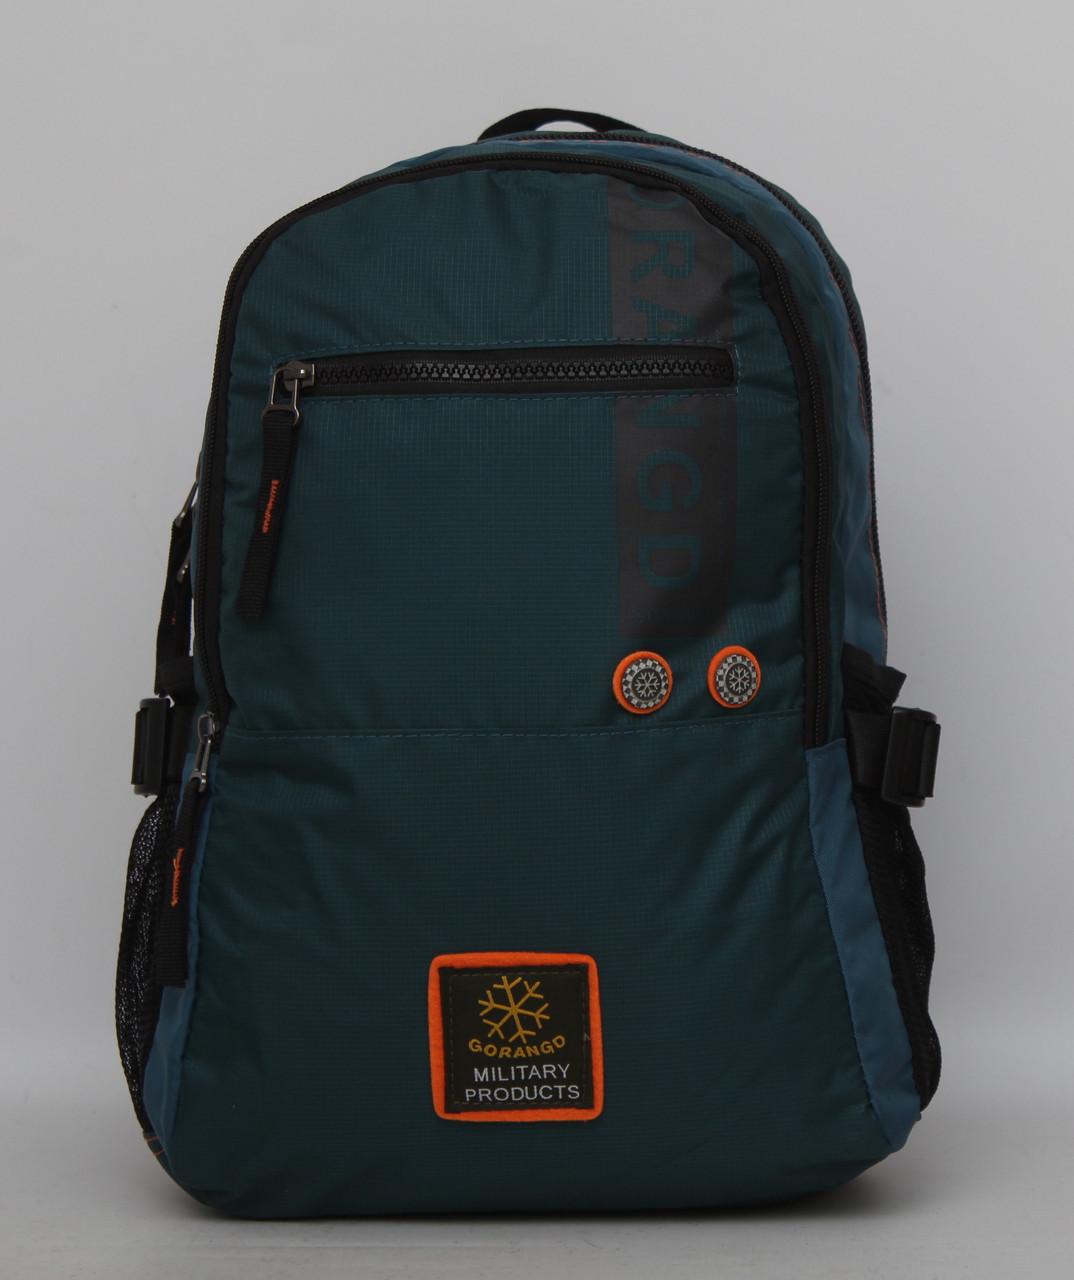 Качественный мужской рюкзак. Оригинальный дизайн. Городской рюкзак. Купить практичный рюкзак. Код: КДН565